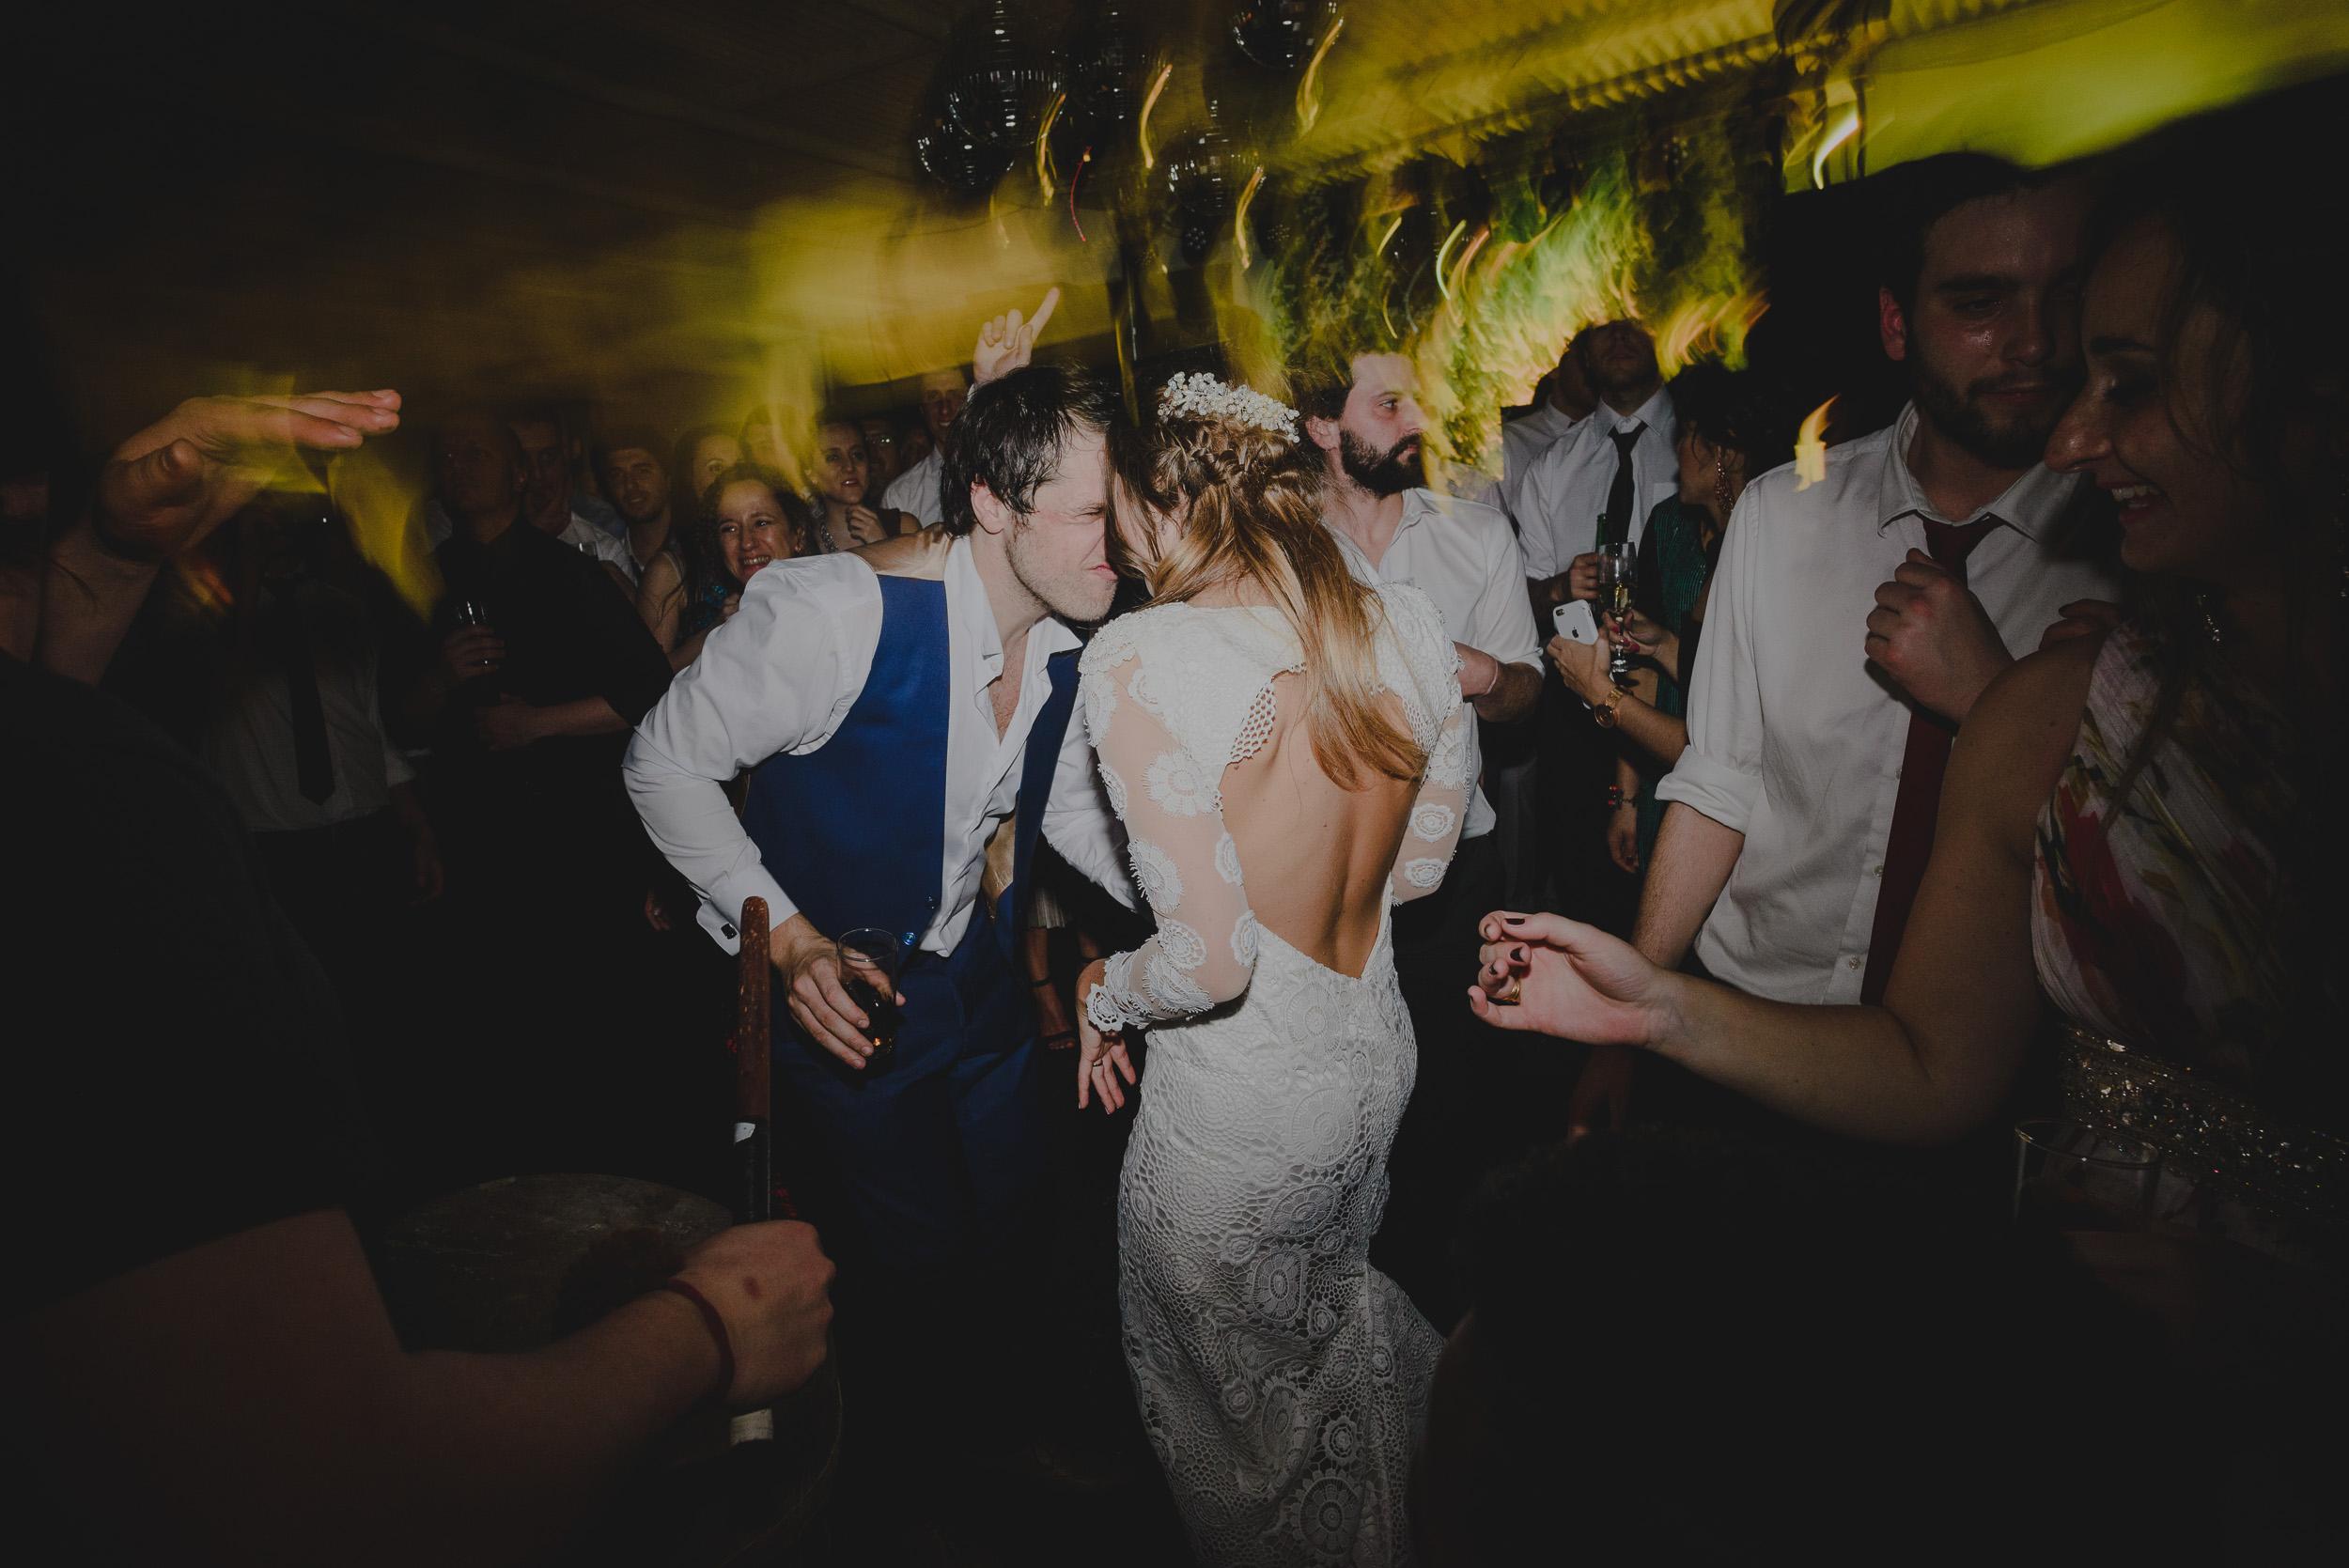 Mati & Juan boda en Bodega Jacksonville , FOTOGRAFIA DE BODA POITEVIN LOPEZ-141